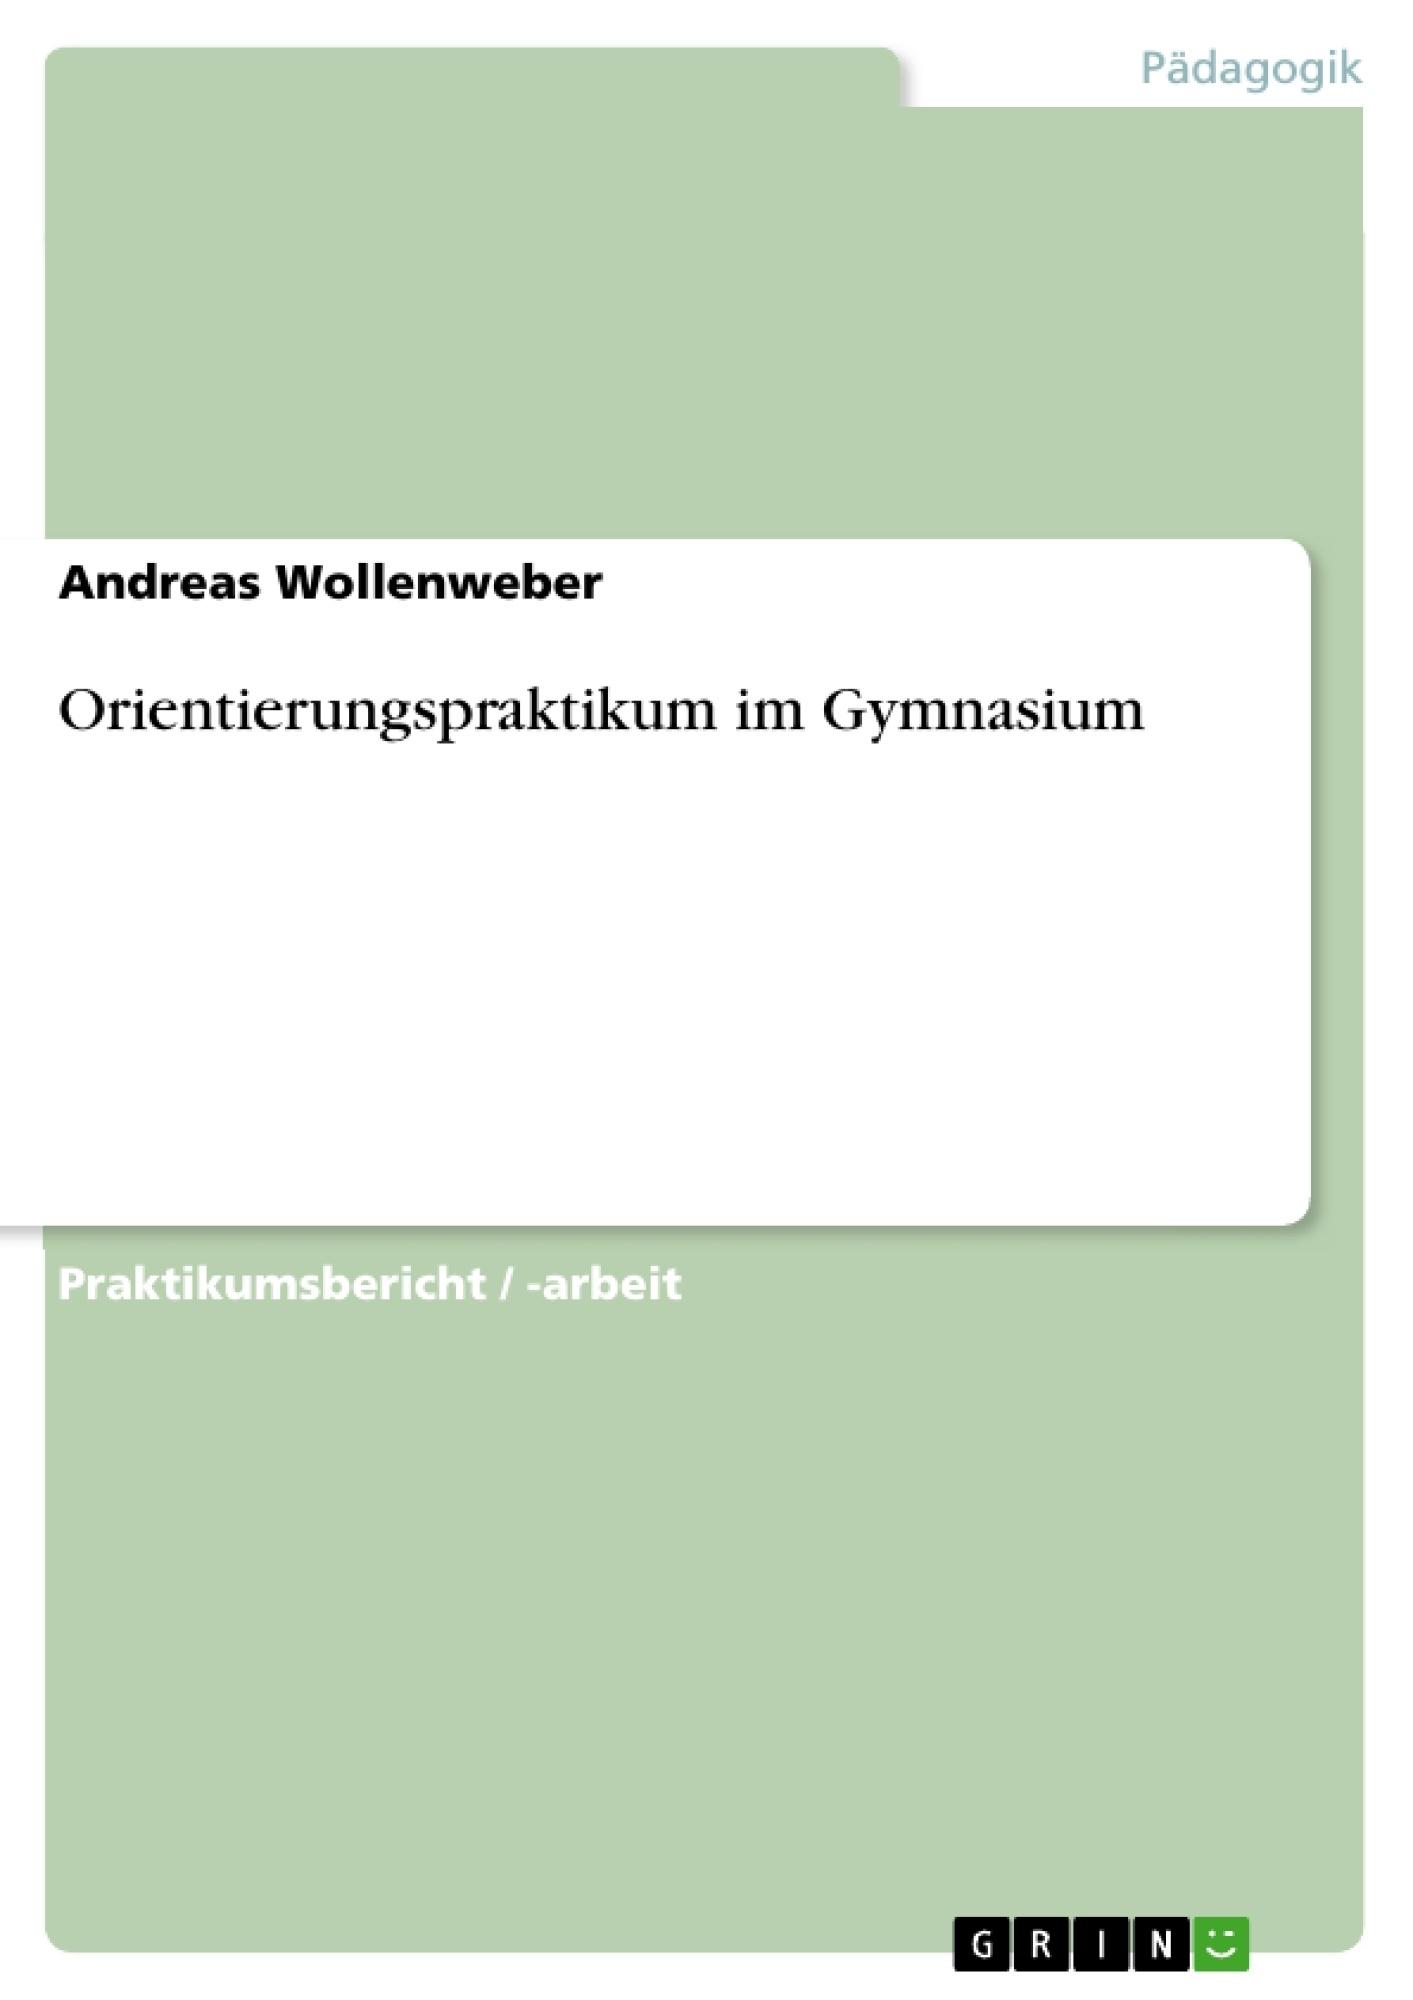 Titel: Orientierungspraktikum im Gymnasium